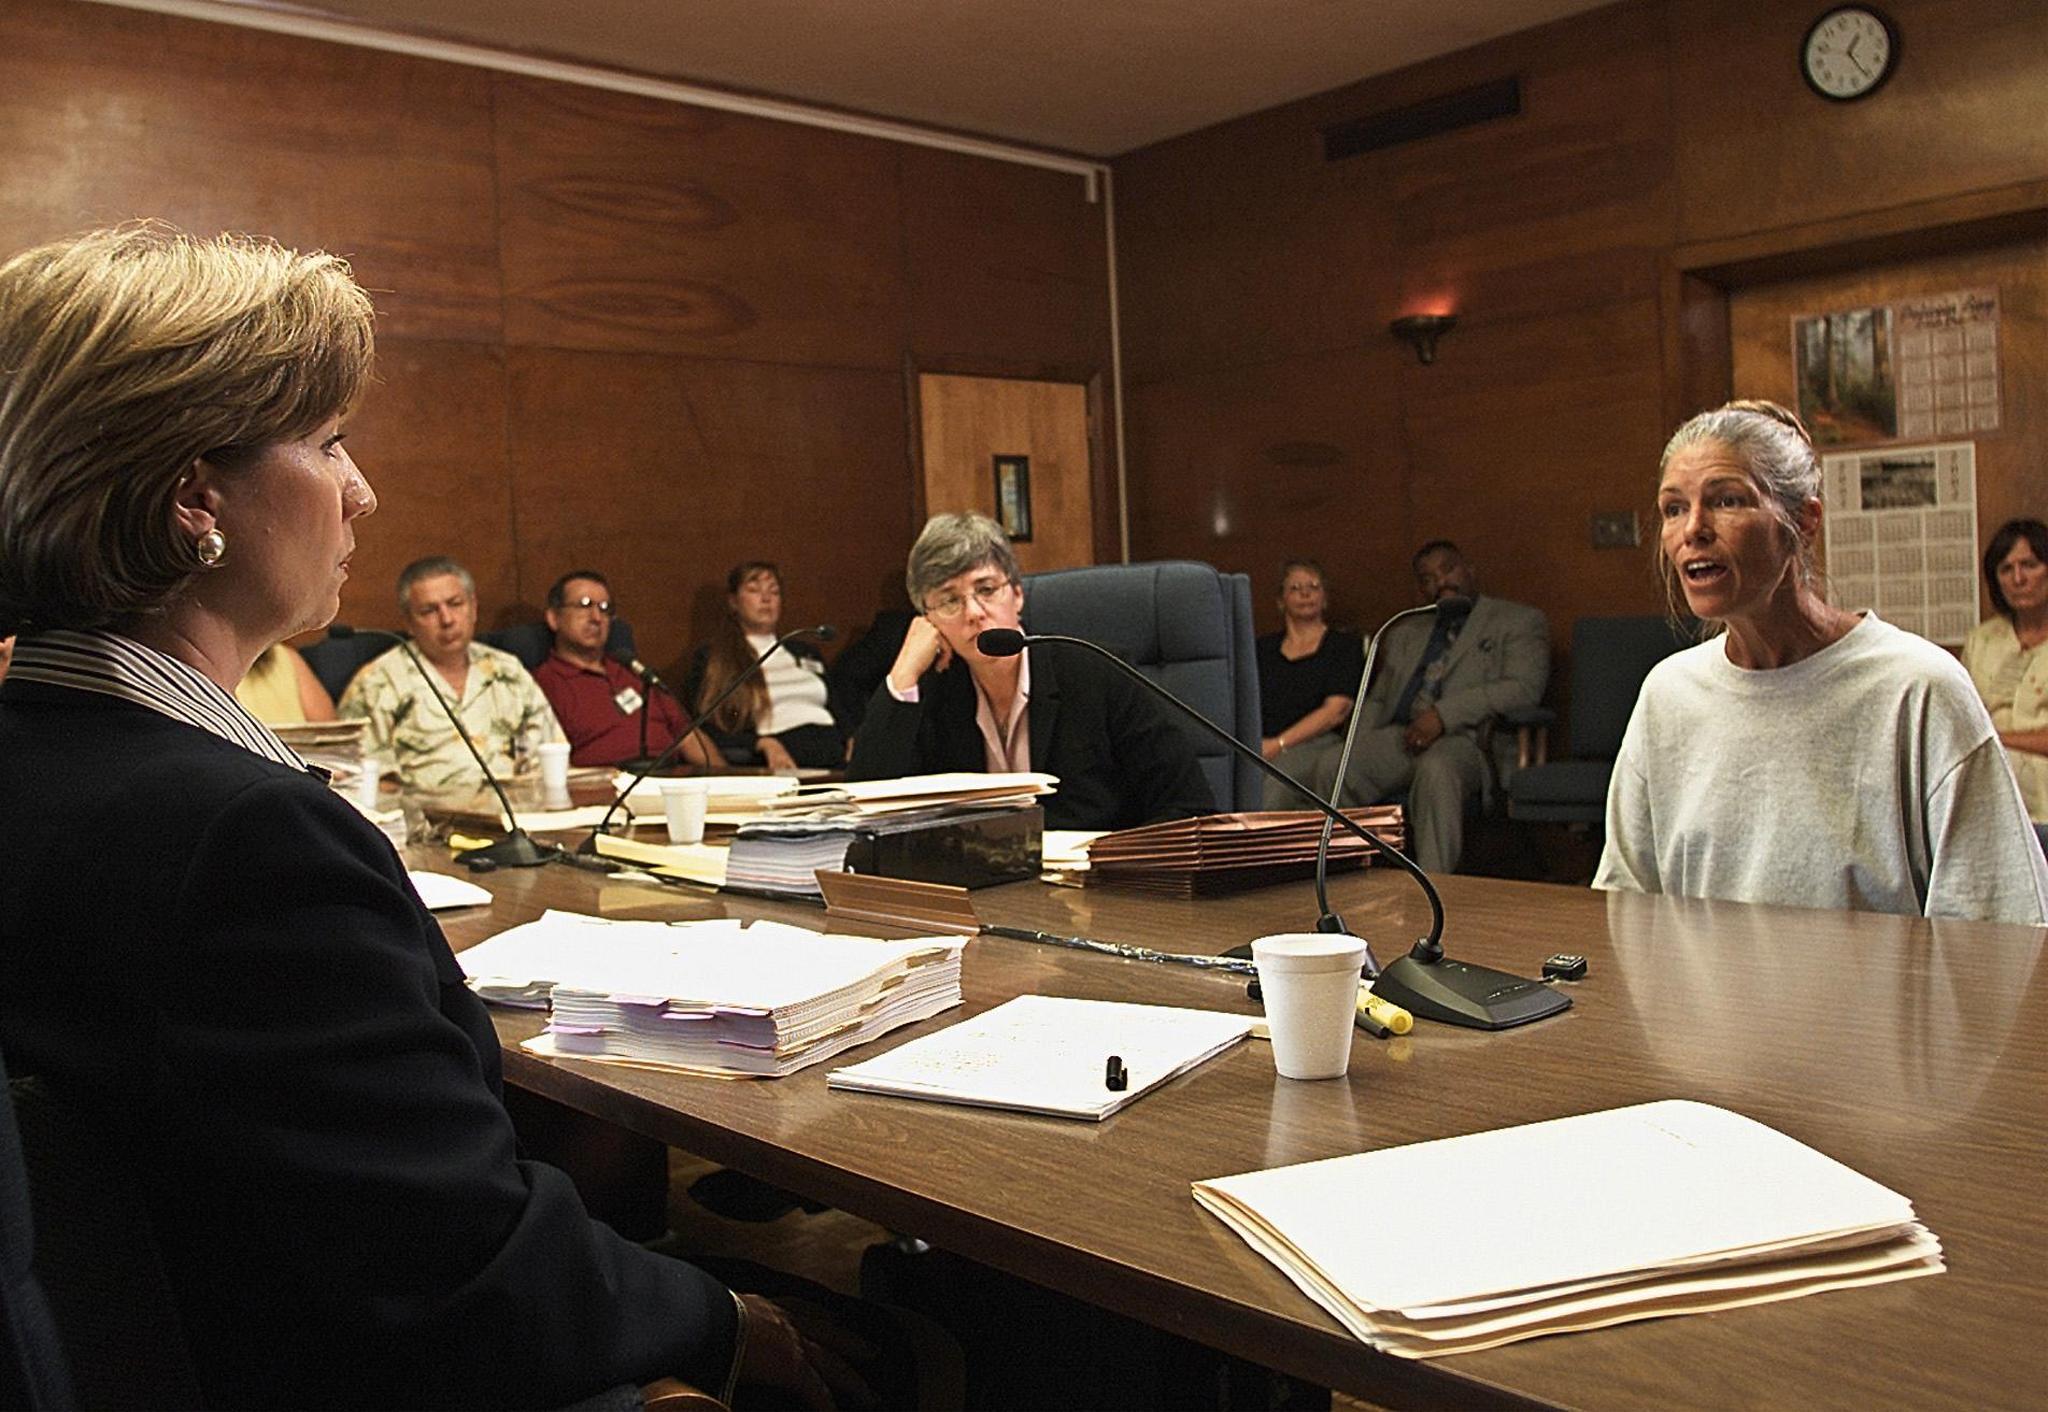 Leslie Van Houten, after her parole was denied in 2002.